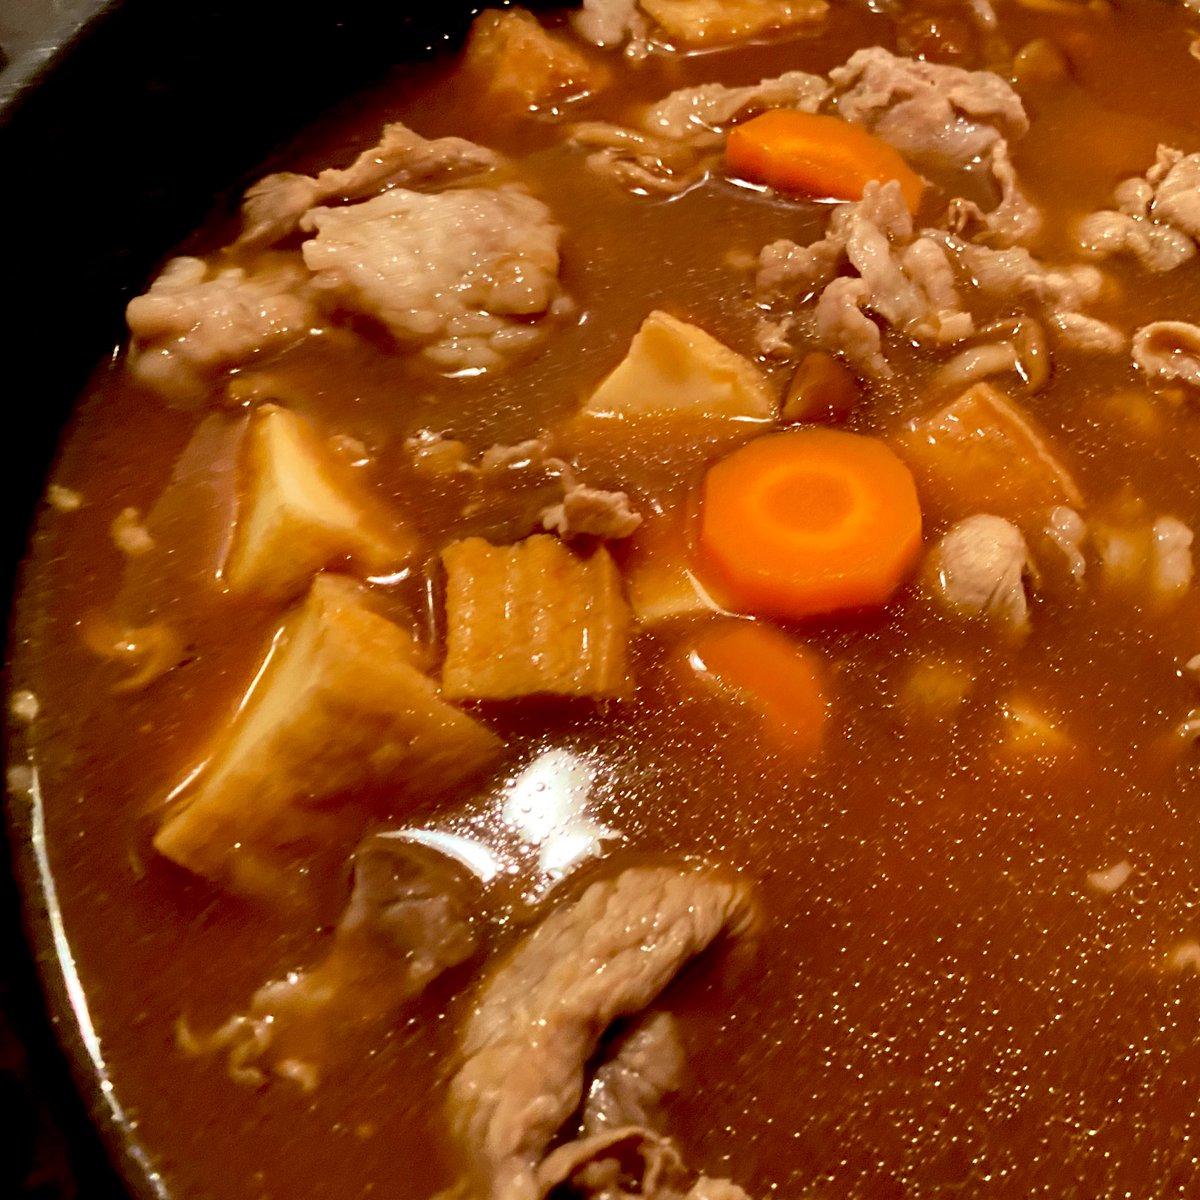 同時進行で・赤だしの豚汁(里芋、人参、ごぼう、なめこ、生絹揚げ、豚肉)・おくらのマヨおかかあえ#ねるご飯